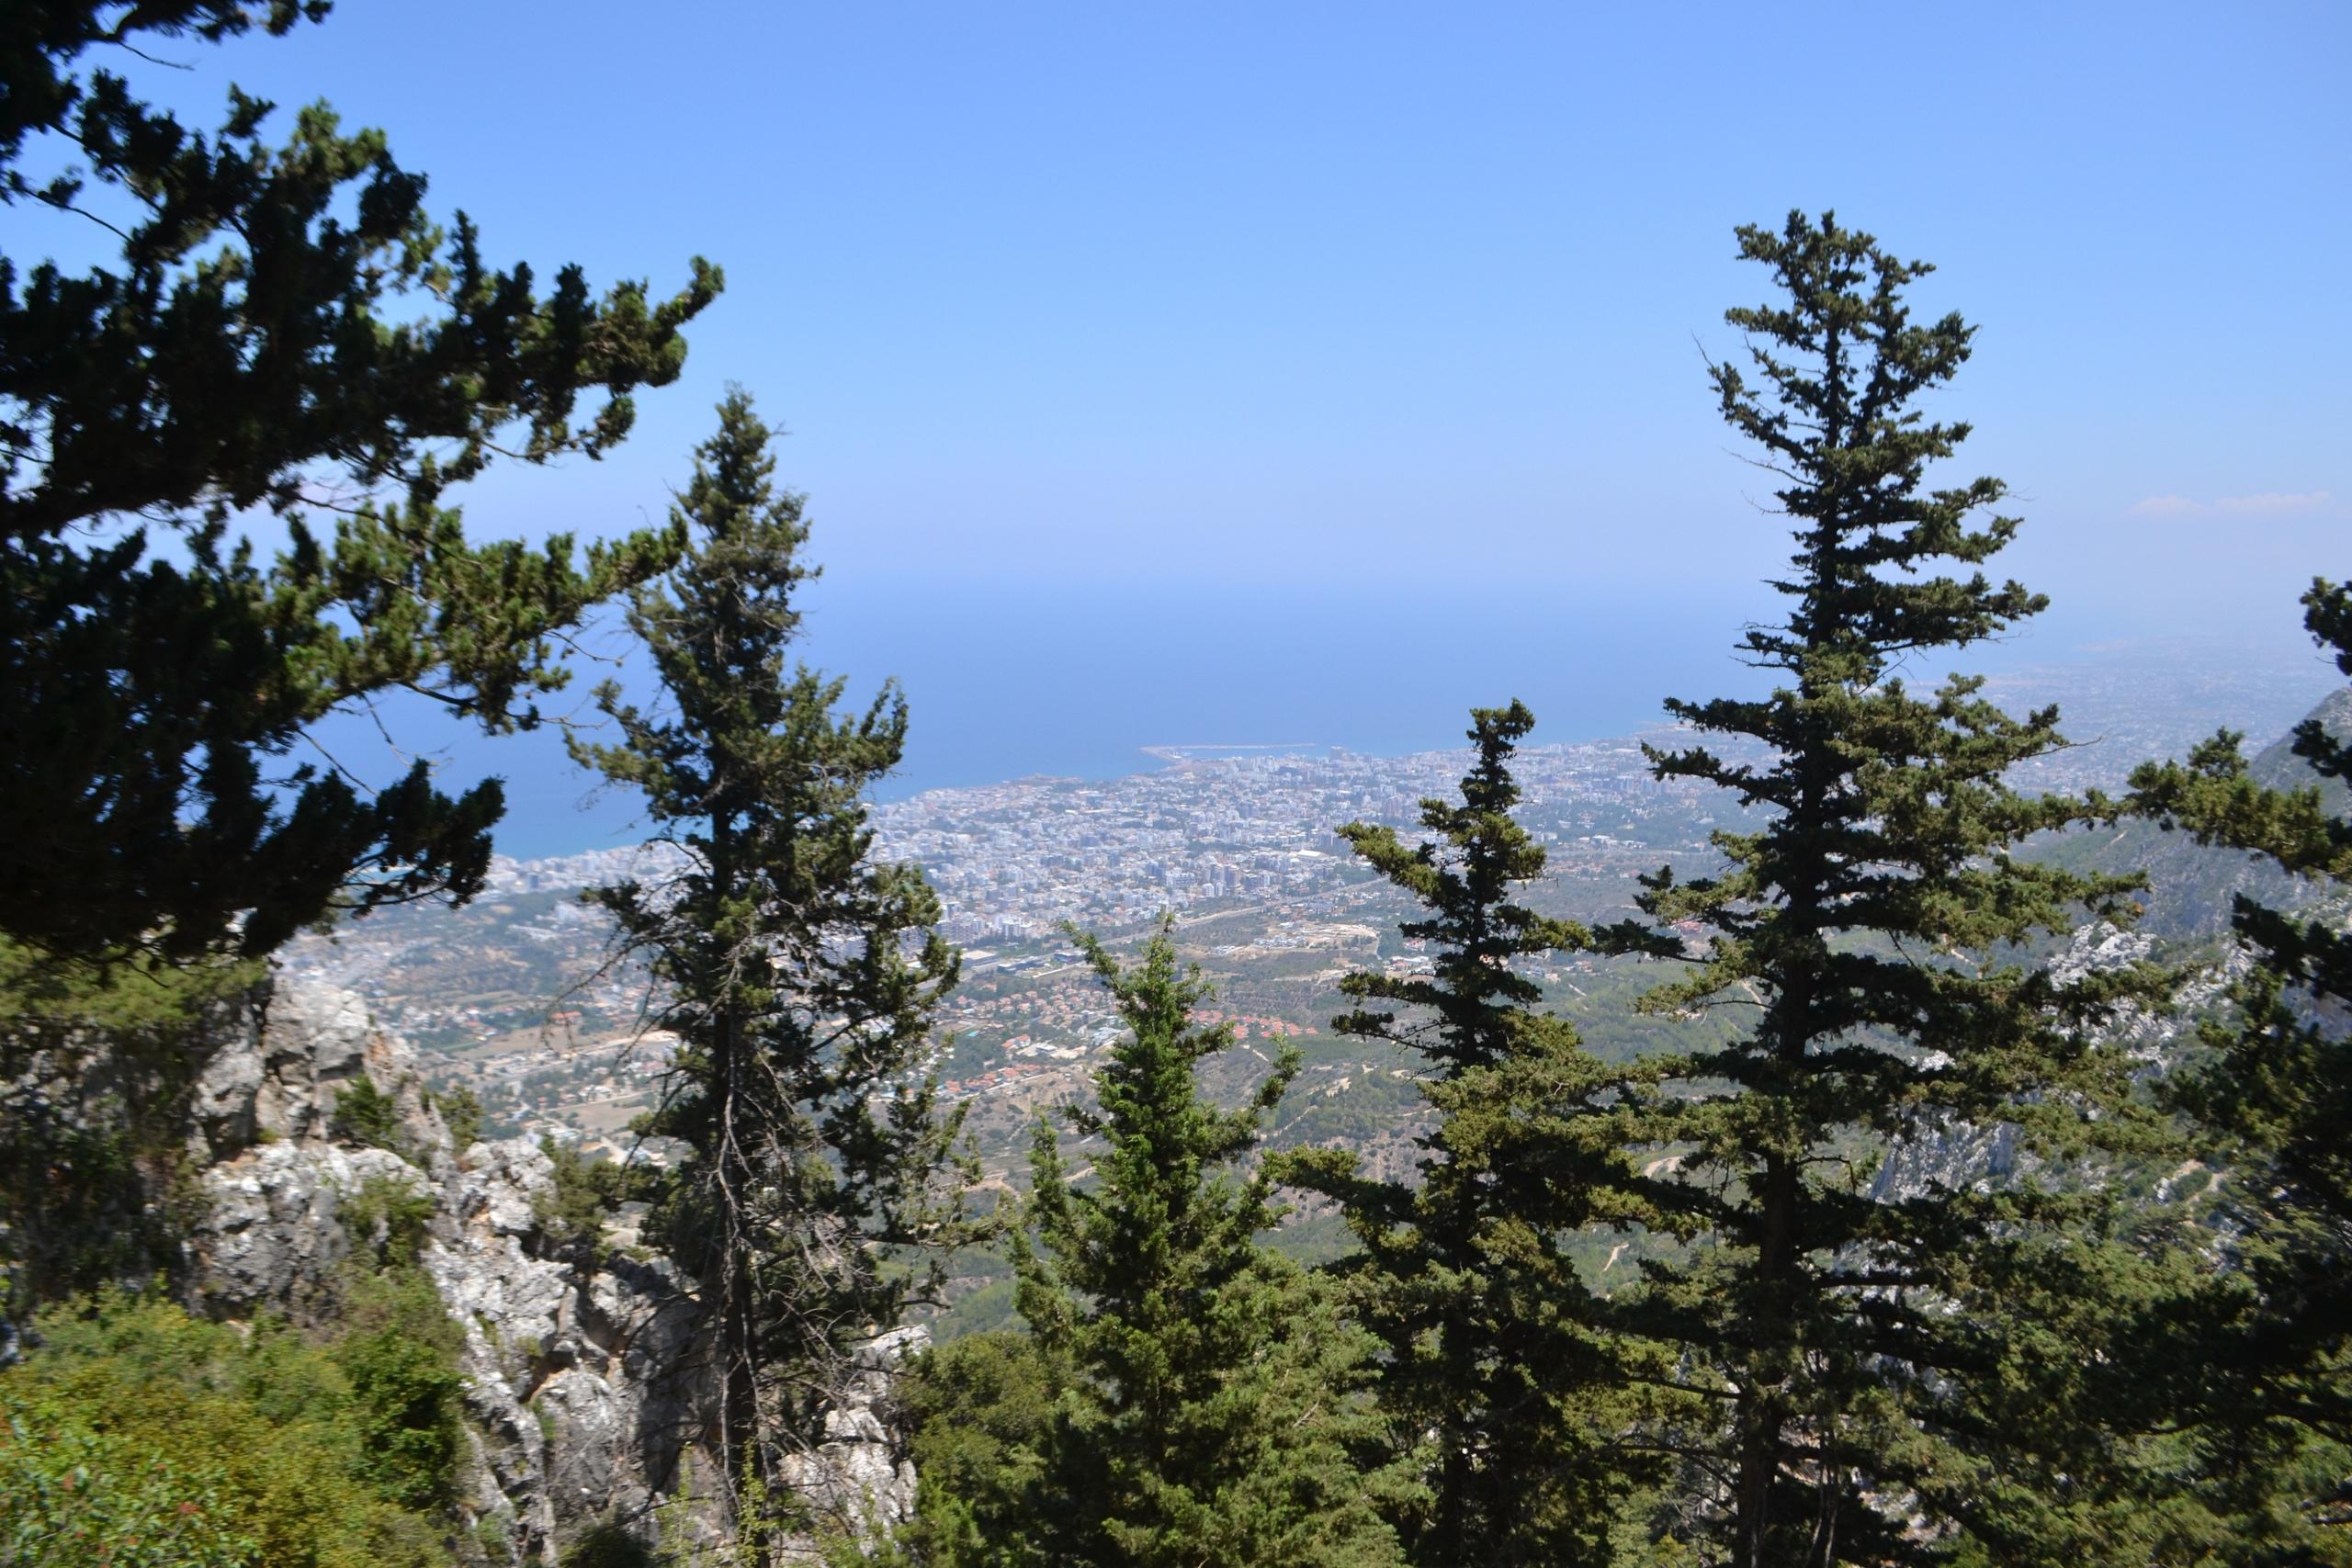 Северный Кипр. Замок Святого Иллариона. (фото). - Страница 2 FNIomP7wjfo